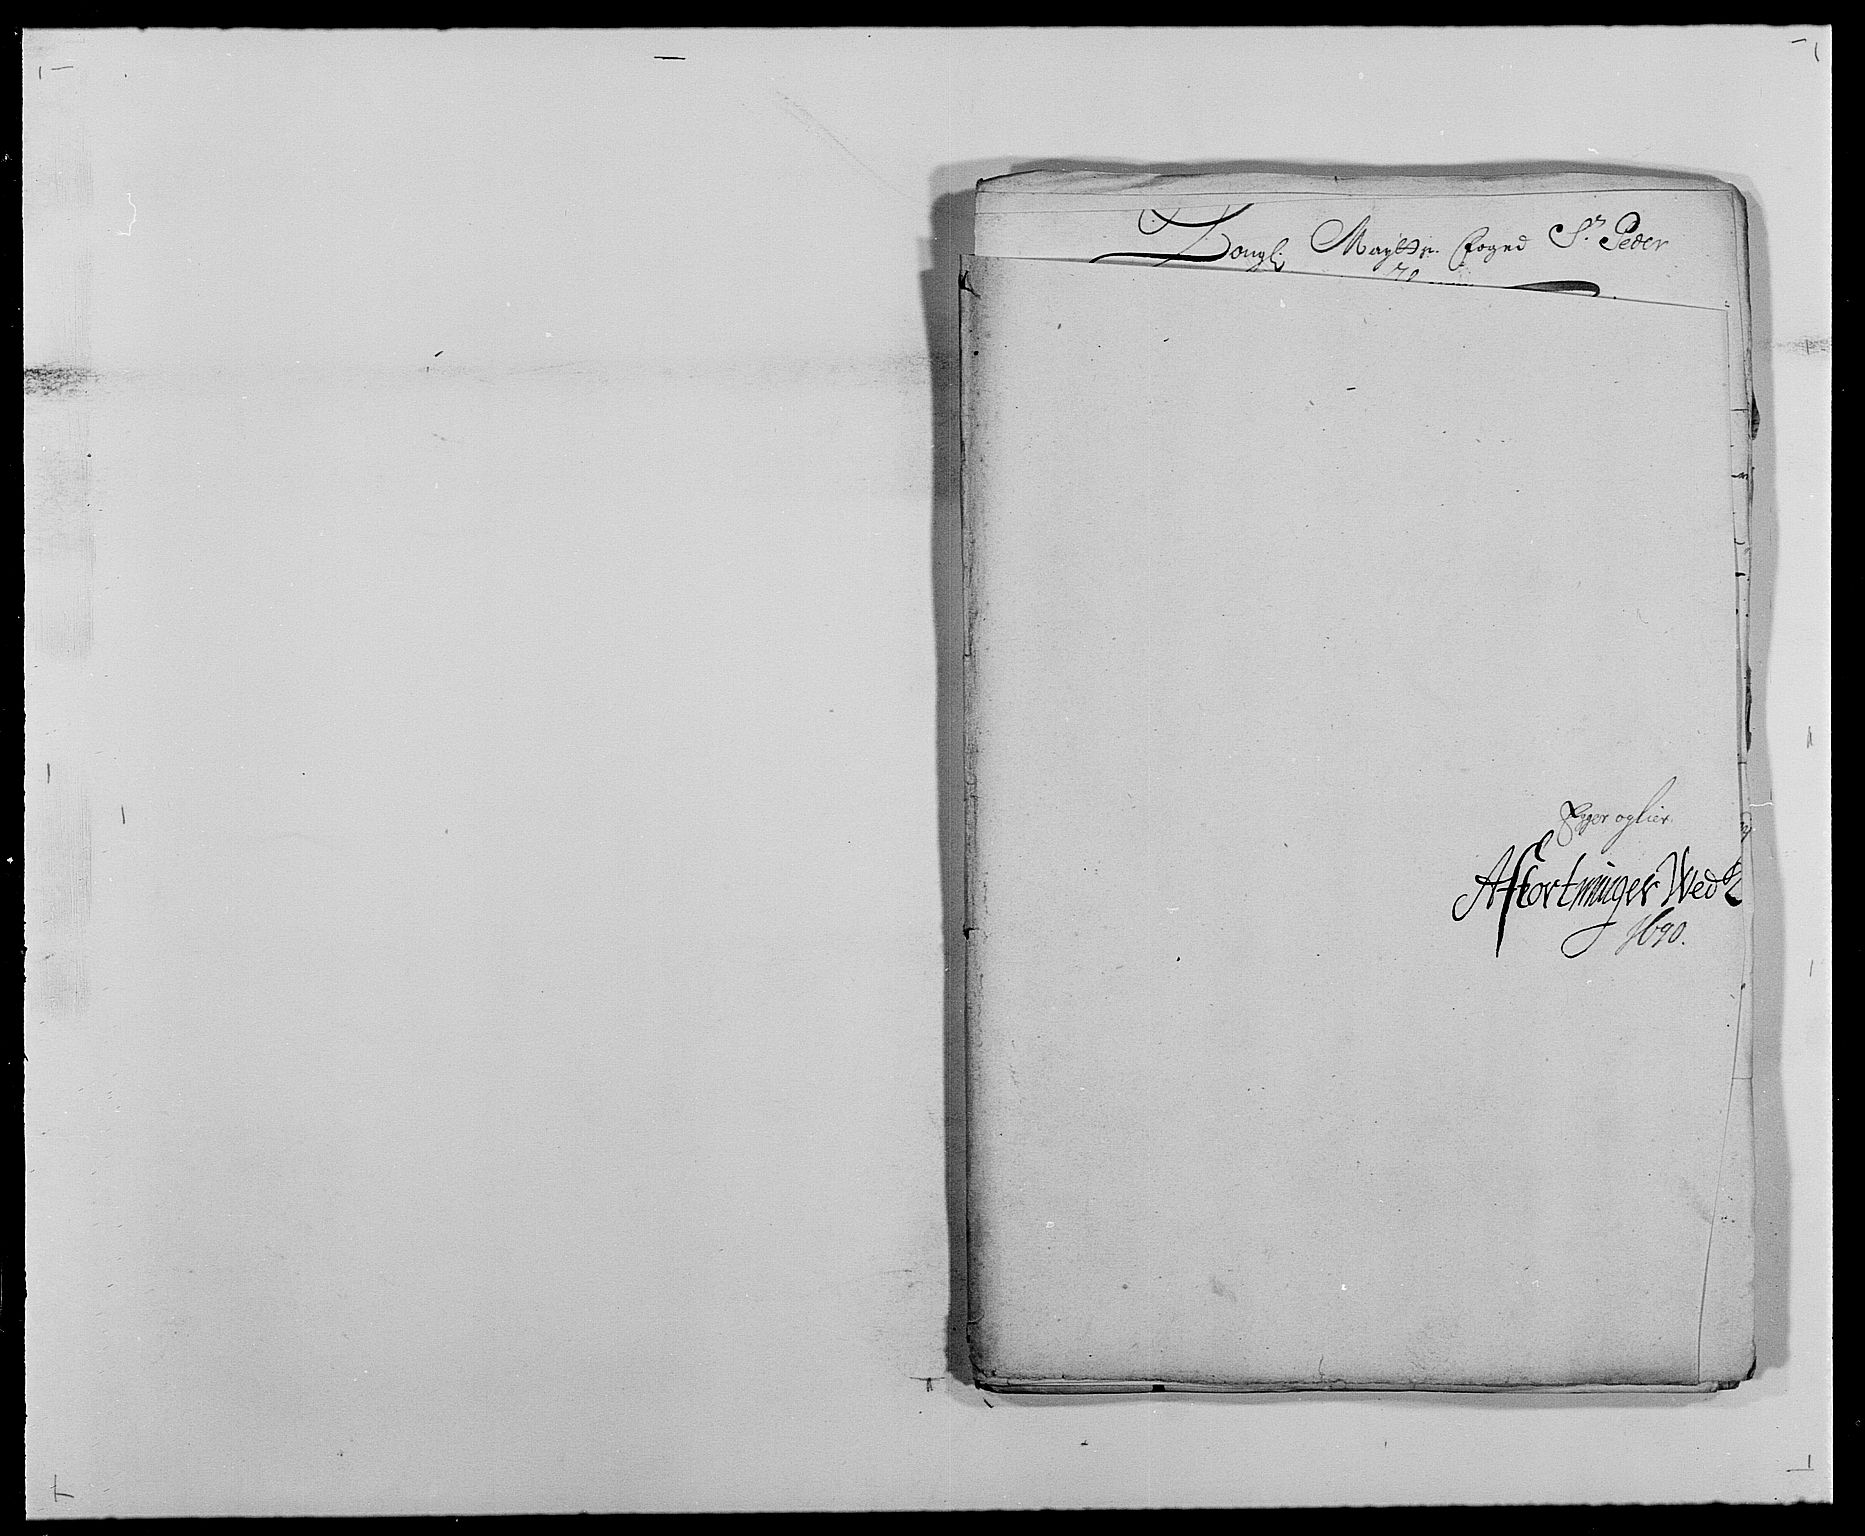 RA, Rentekammeret inntil 1814, Reviderte regnskaper, Fogderegnskap, R28/L1689: Fogderegnskap Eiker og Lier, 1690-1691, s. 170